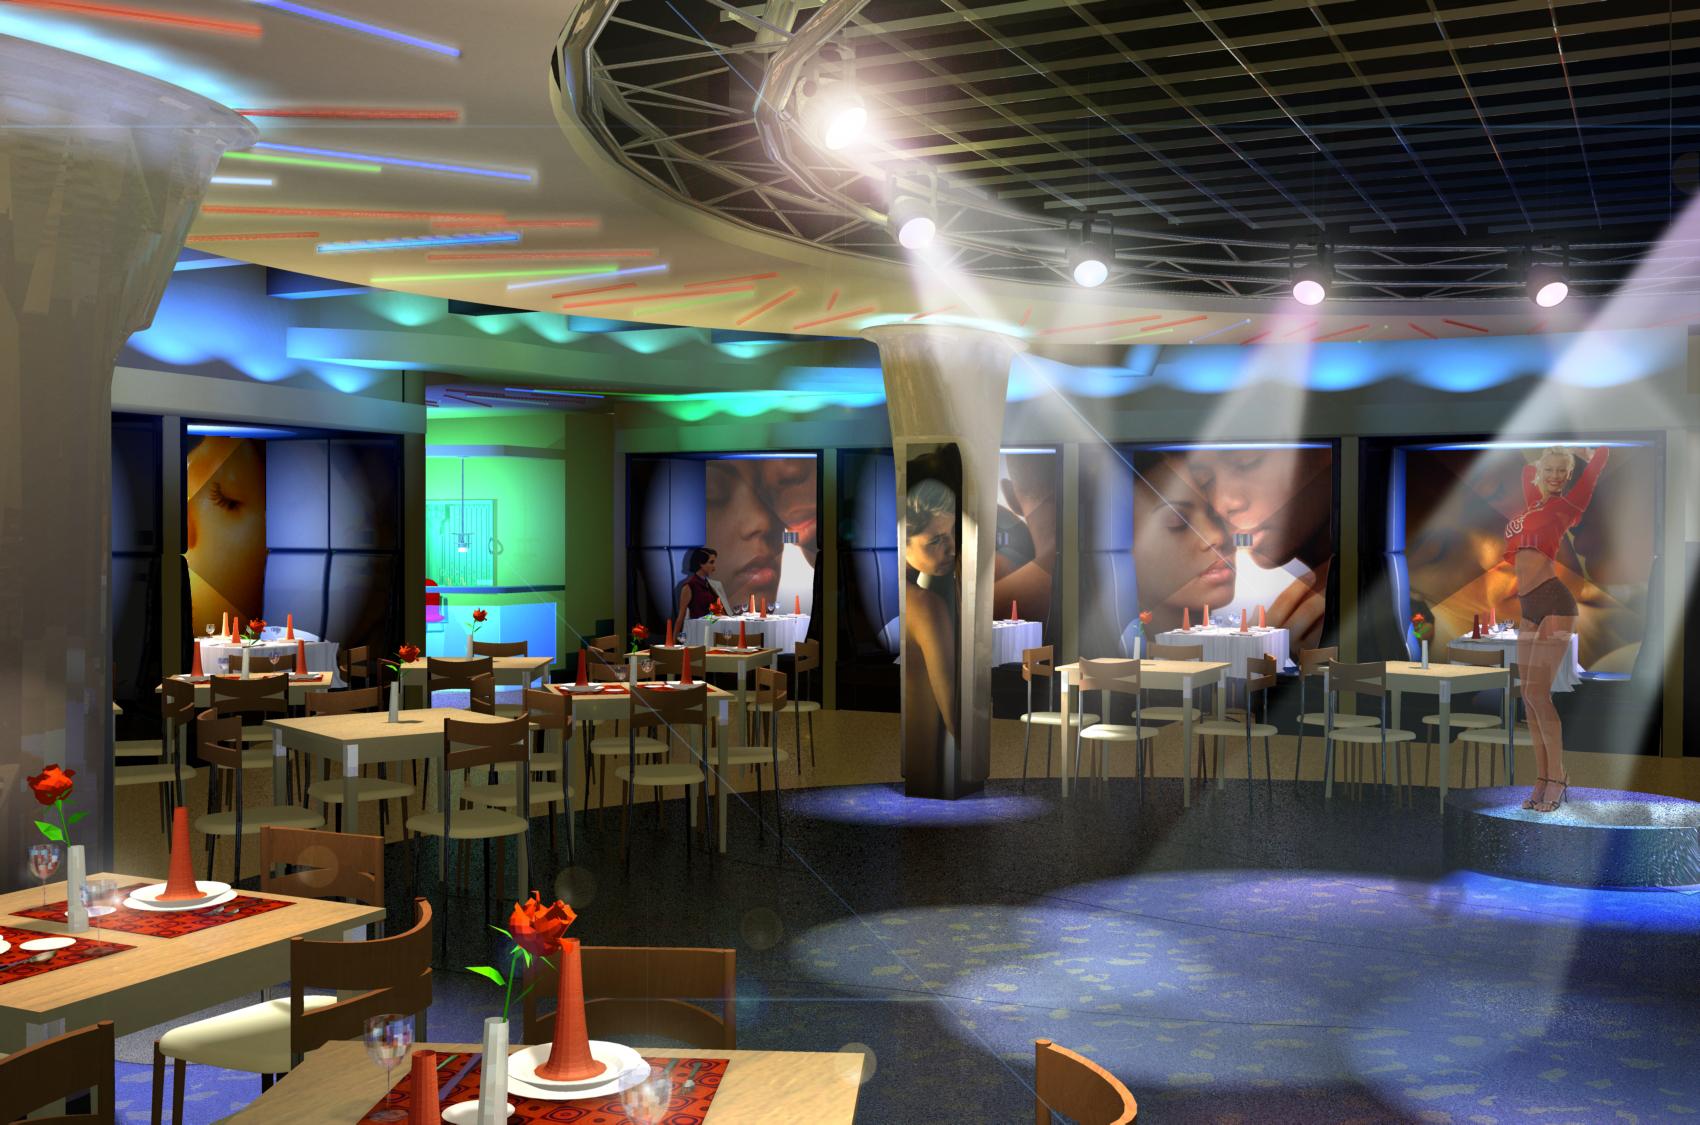 Кафе-клуб, интерьер, дизайн